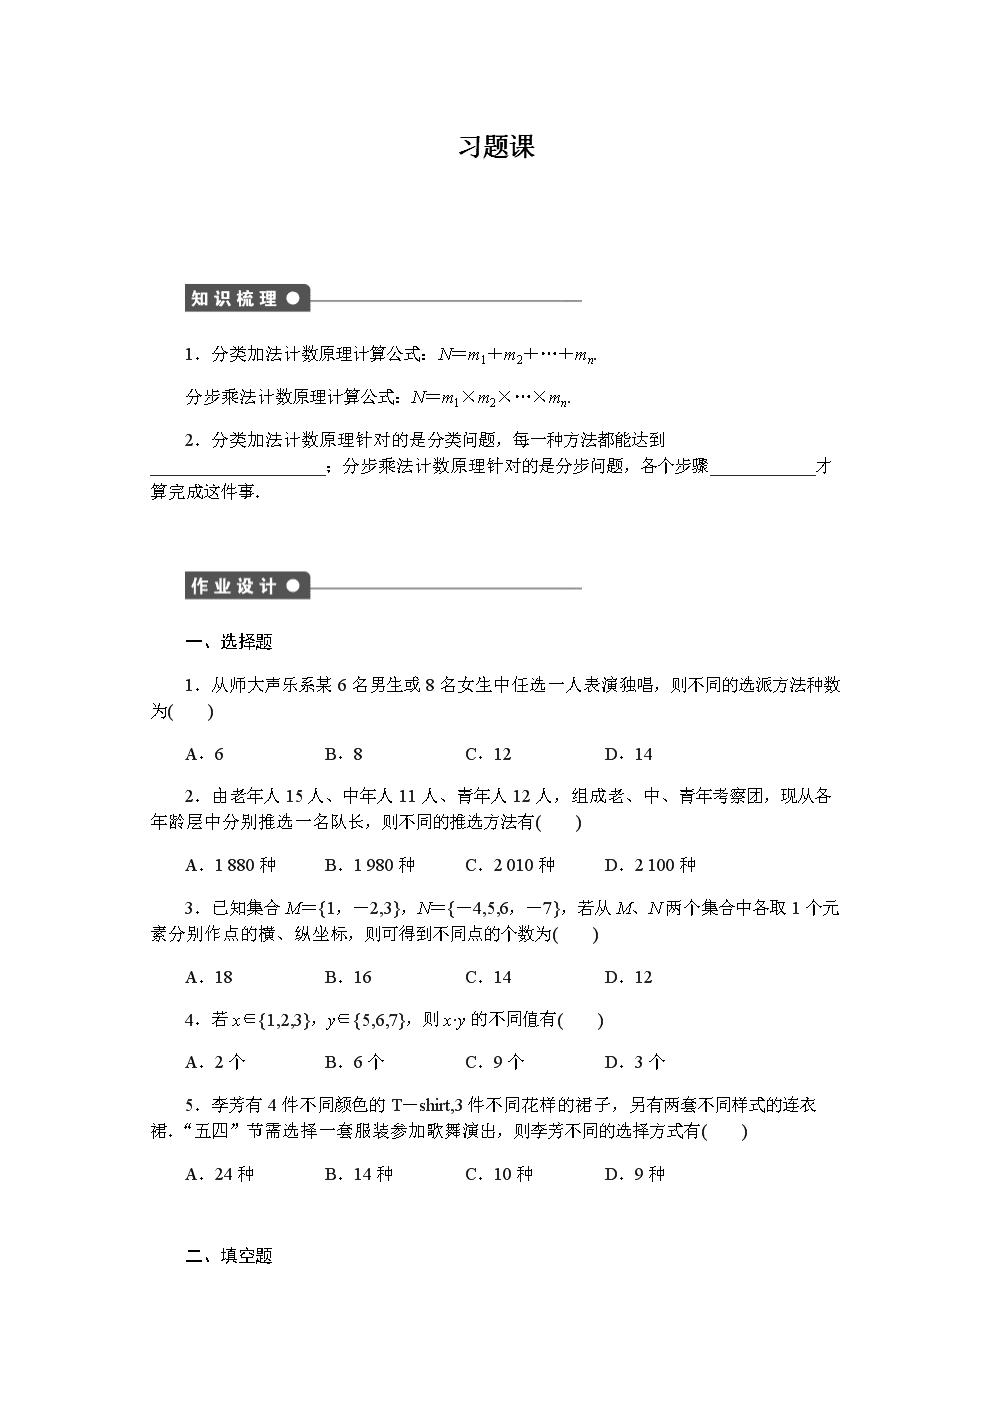 高中数学选修2-3第一章计数原理习题课.docx